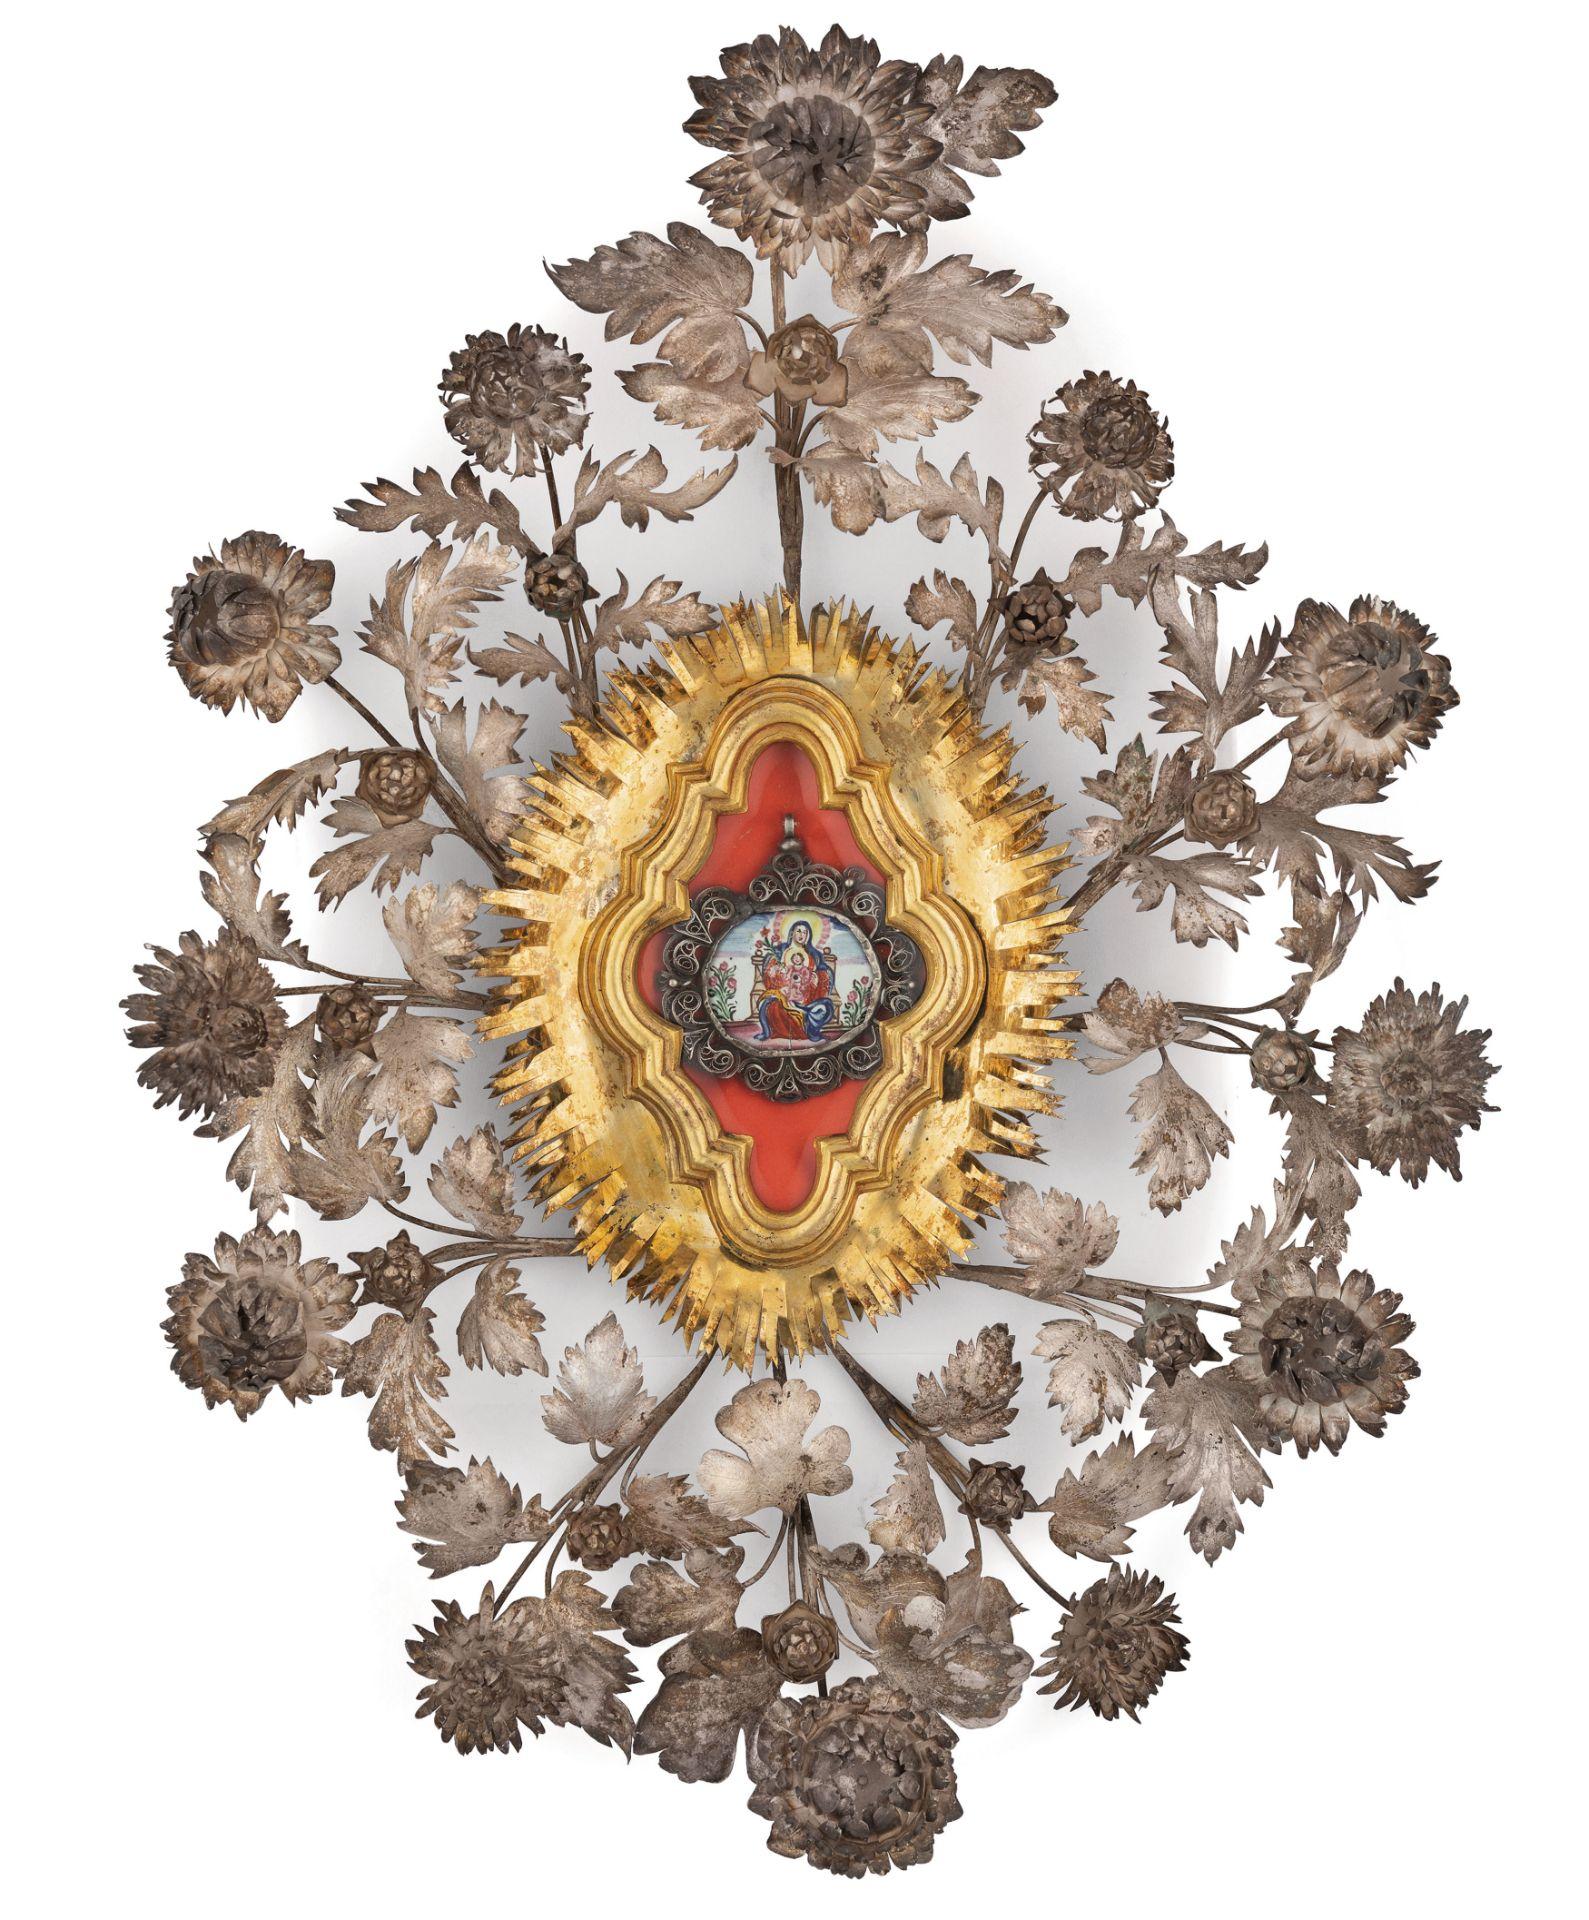 Los 117 - MINIATURA IN SMALTO ENTRO CORNICE IN FILIGRANA E FIORI D'ARGENTO PARZIALMENTE DORATO, PALERMO, 1780